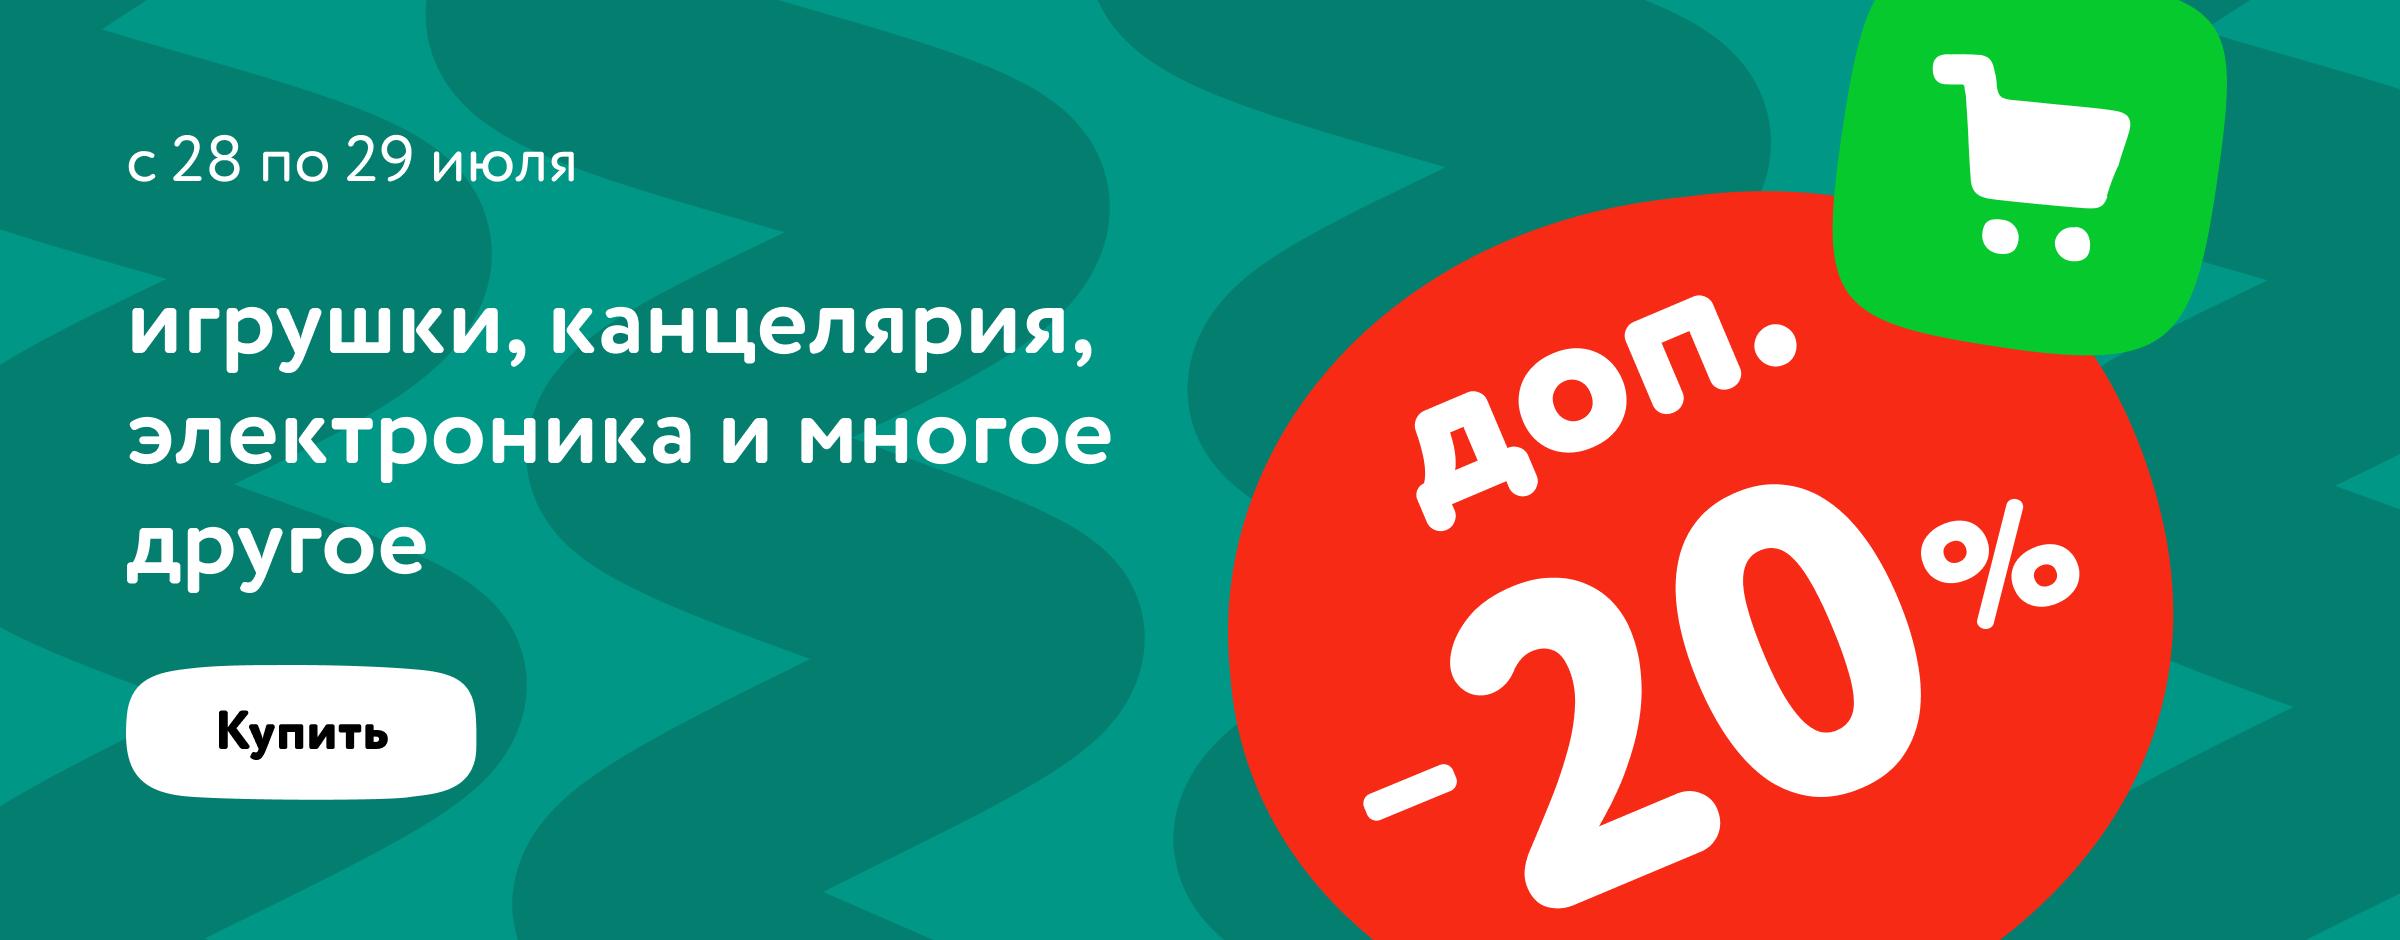 Доп. скидка 20% на широкий ассортимент товаров в корзине